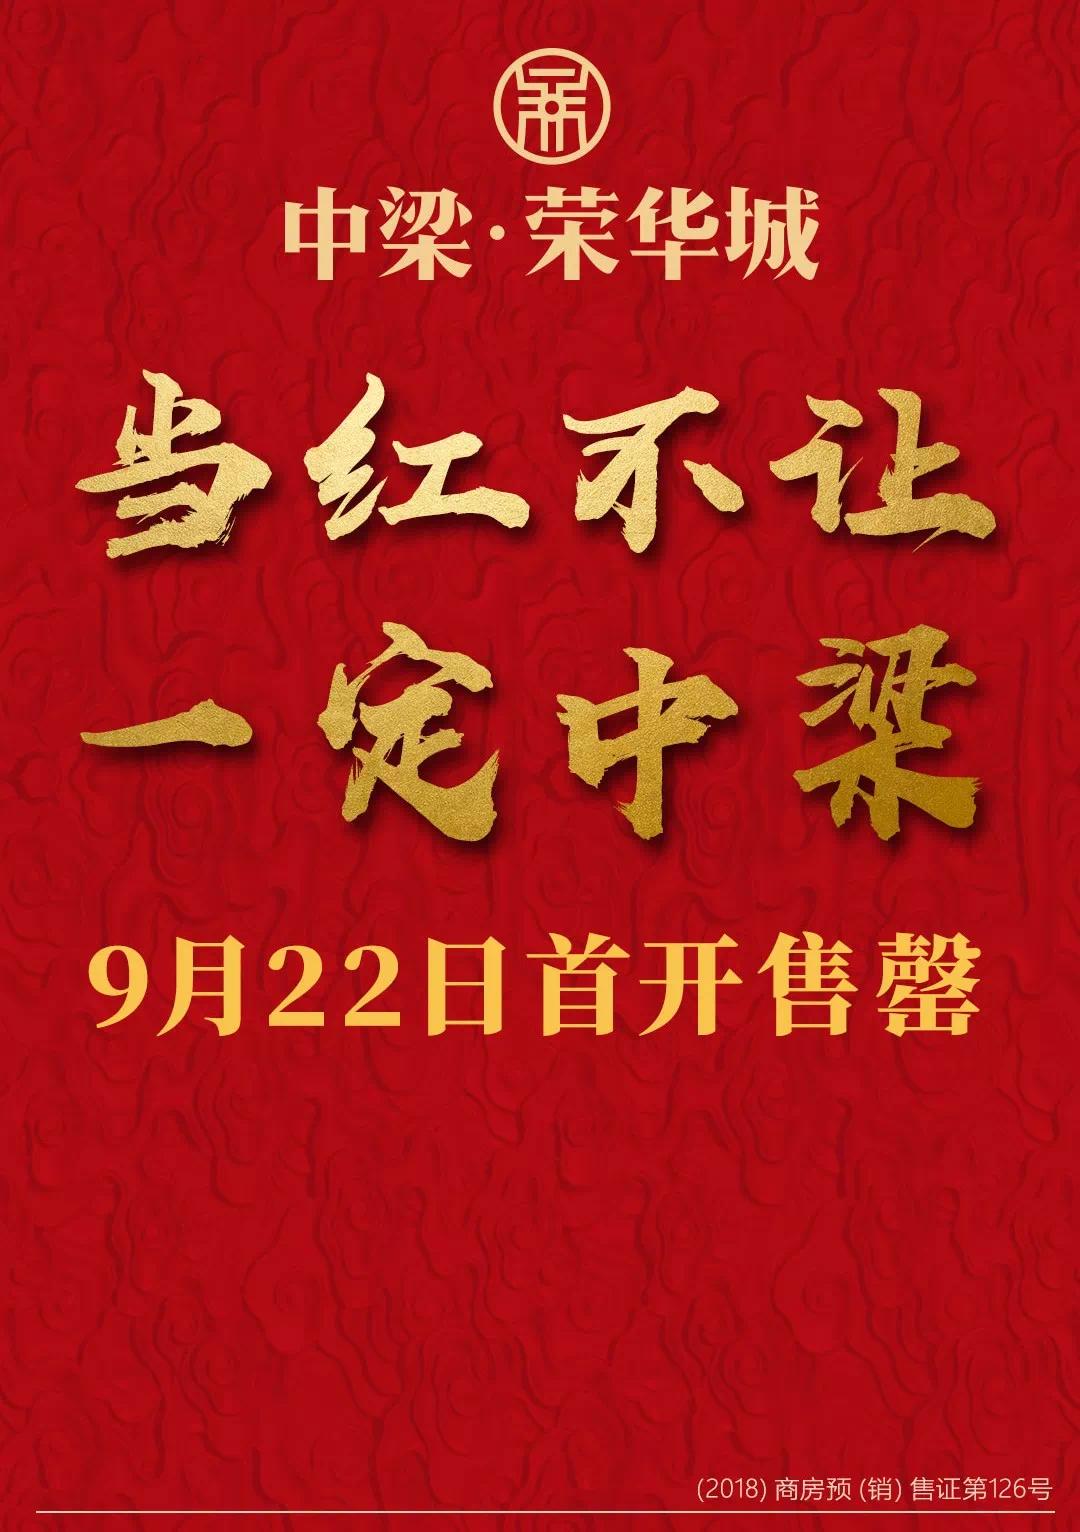 当红不让 一定中梁 | 9月22日中梁•荣华城首开售罄